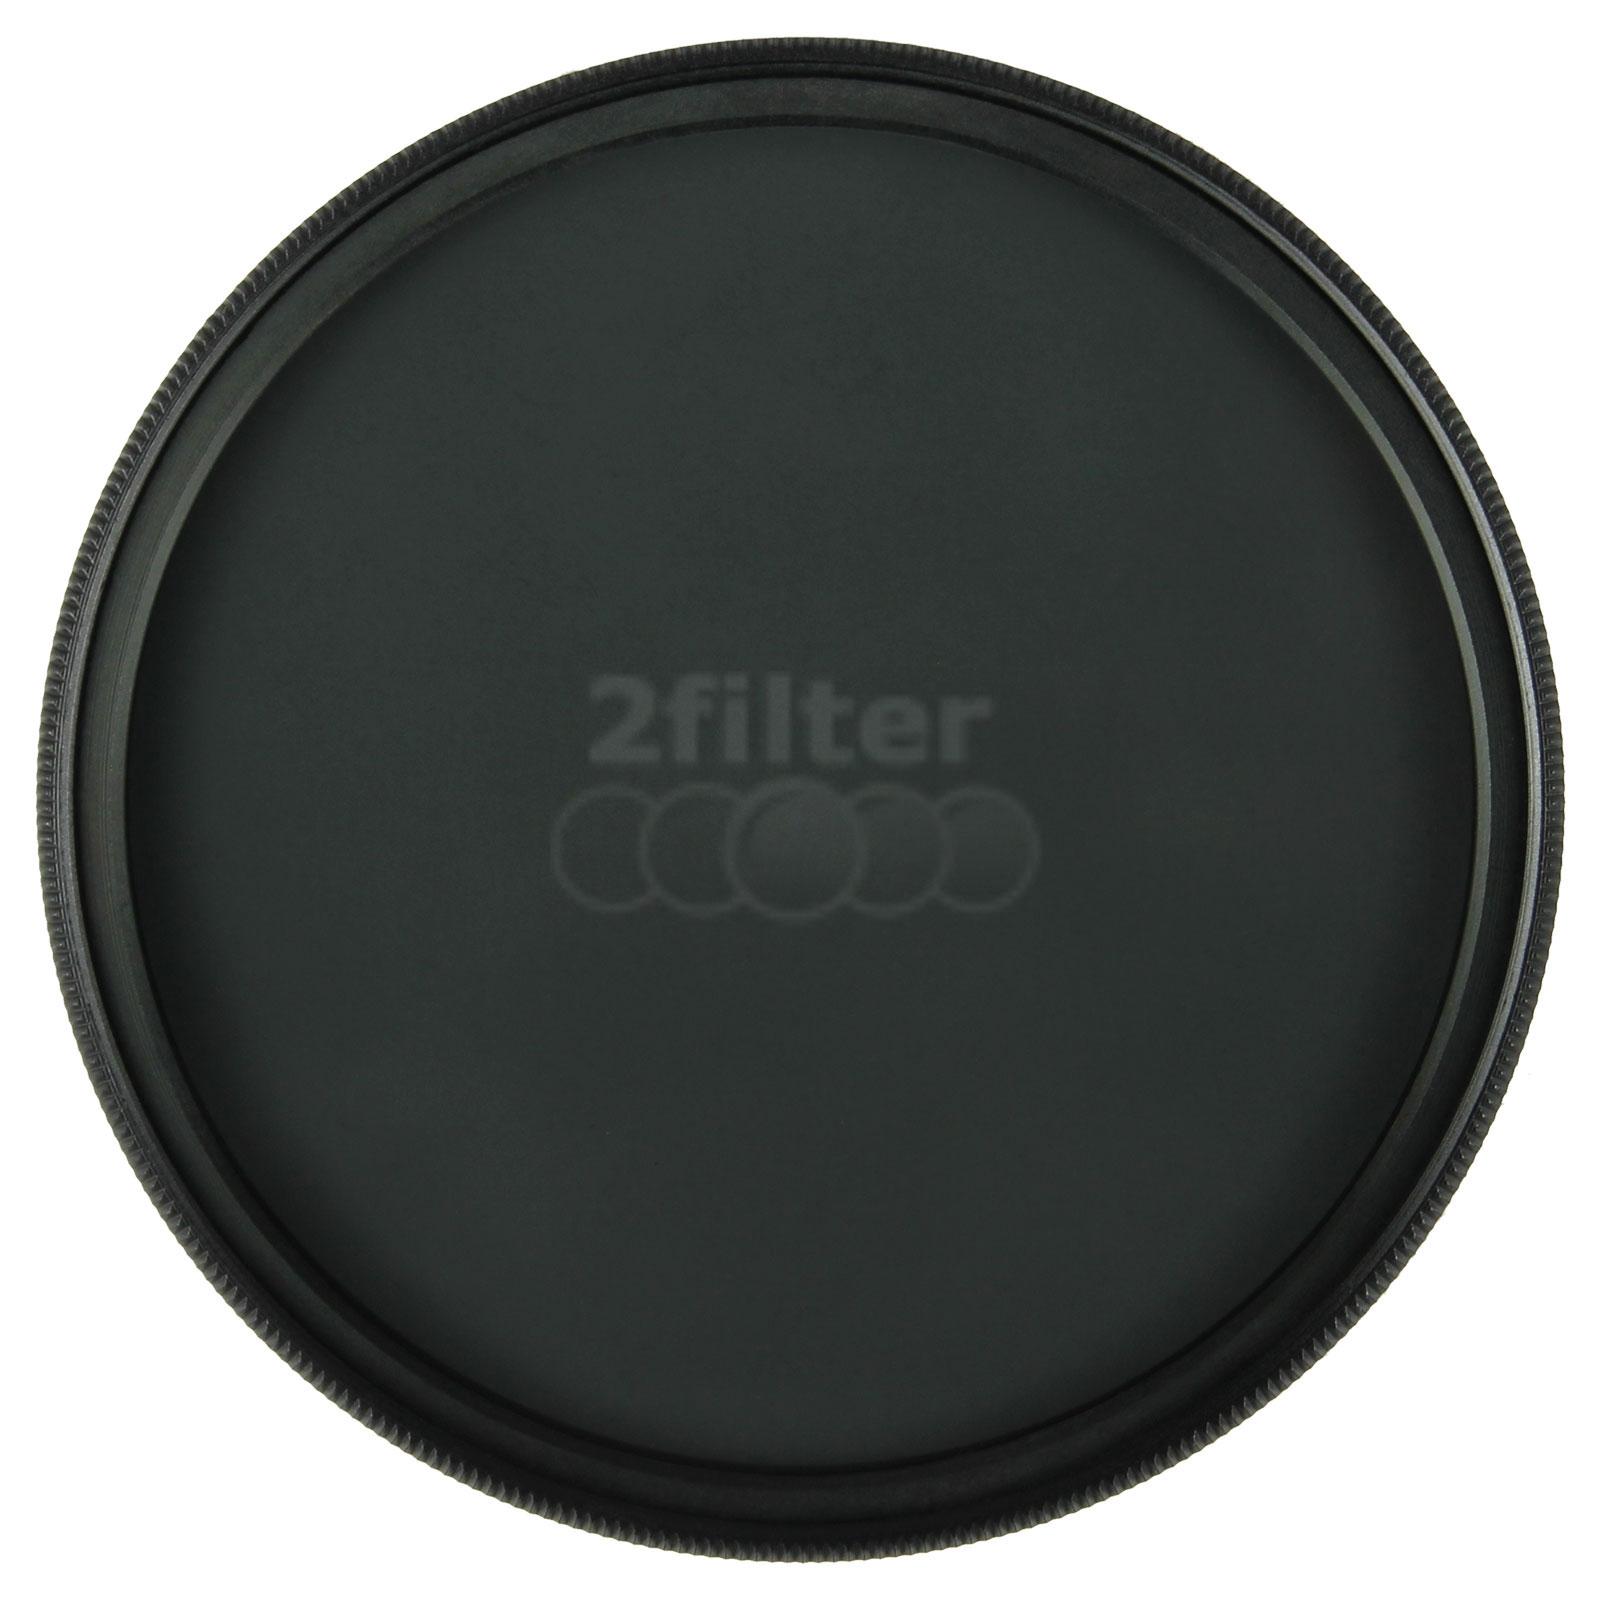 Standard-ND-0.6-Filter-Top-Down